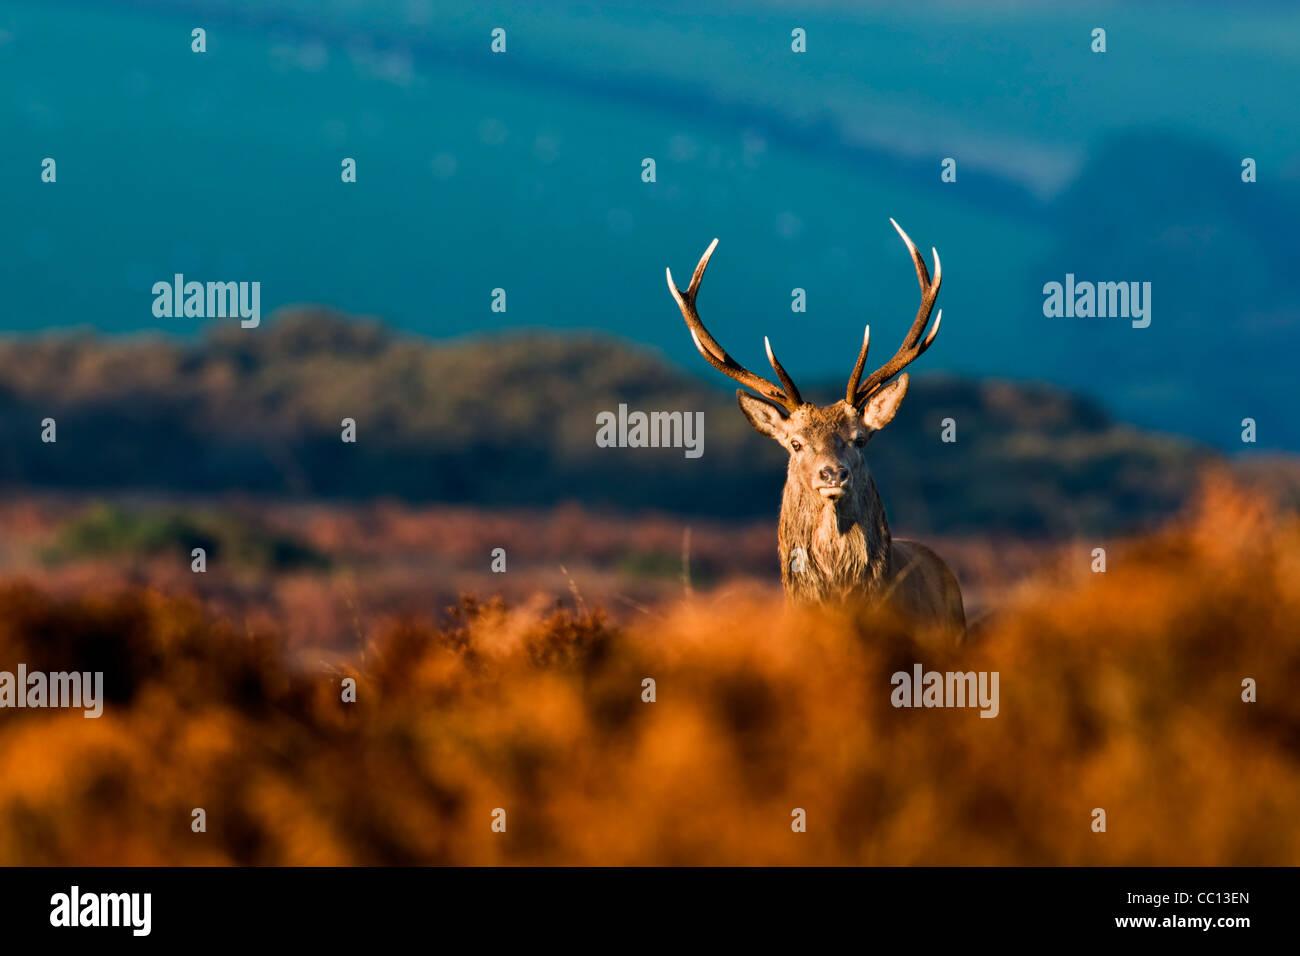 Red Deer feste di addio al celibato nella luce del sole dorato Immagini Stock